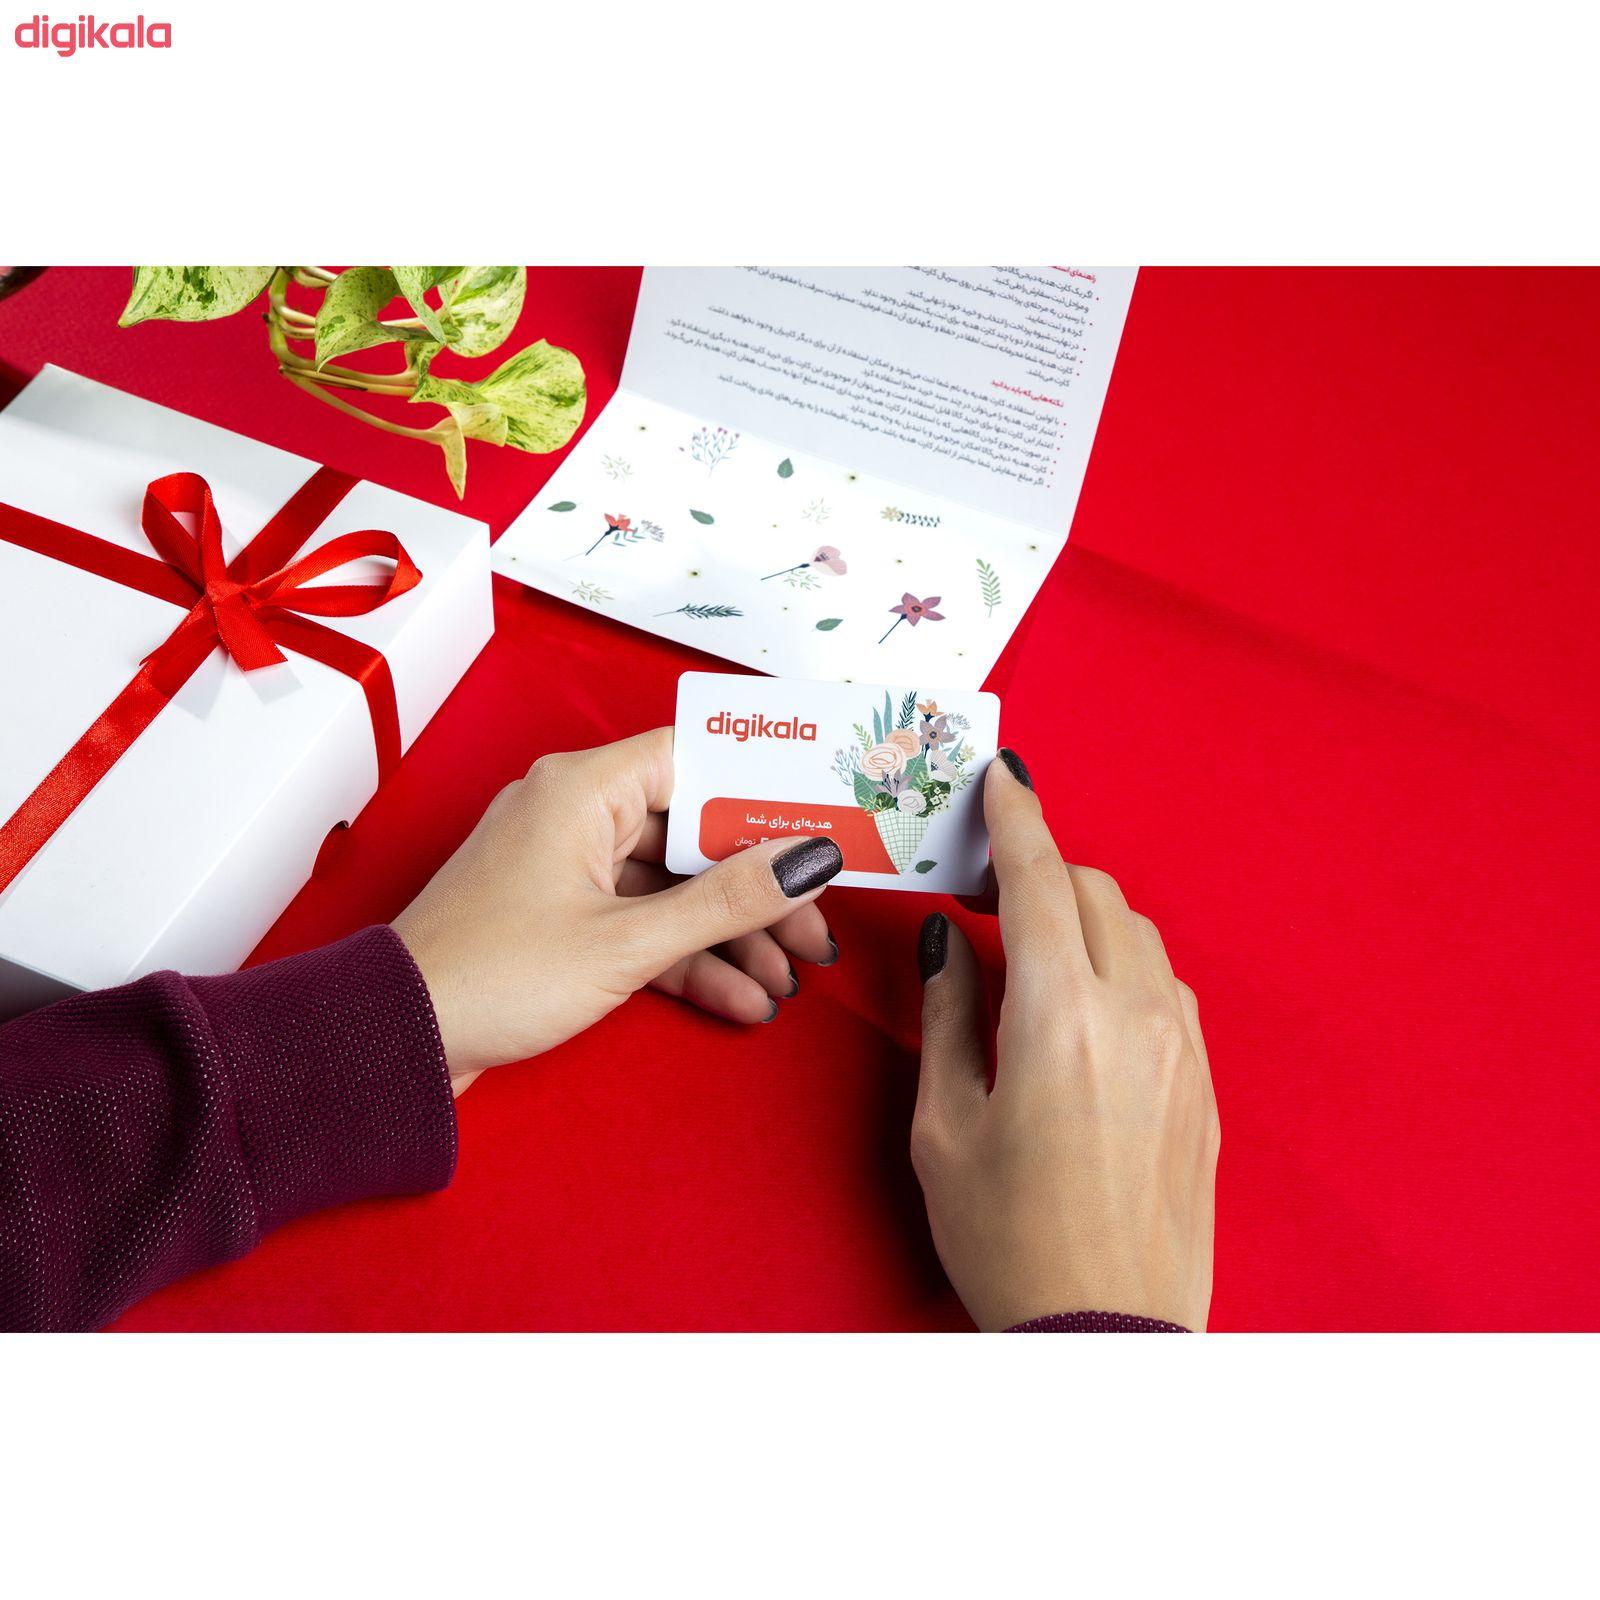 کارت هدیه دیجی کالا به ارزش 50,000 تومان طرح دسته گل main 1 2